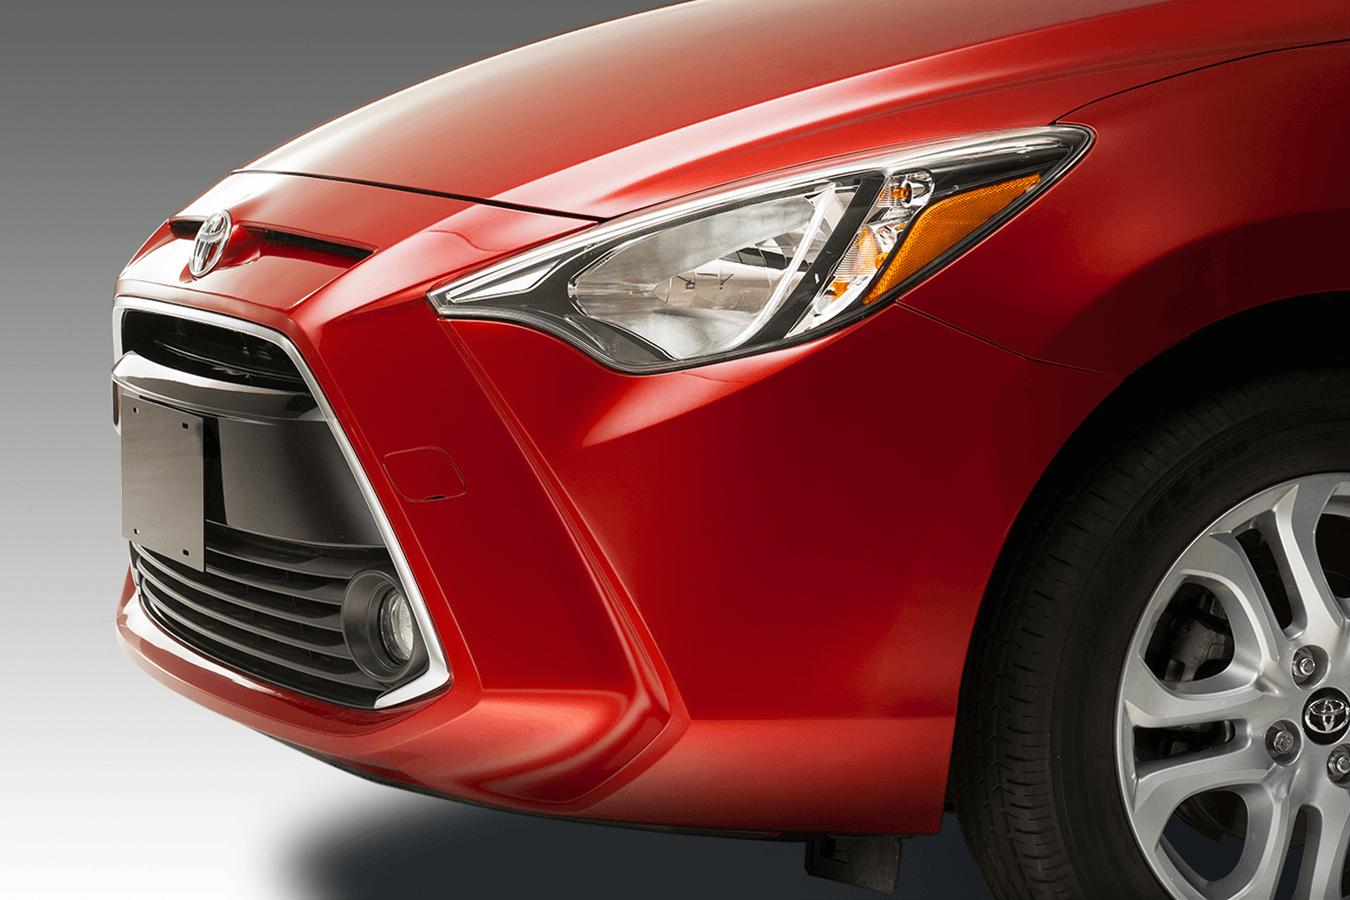 El Toyota Yaris R XLE 2019 es un auto equilibrado en diseño, funcionalidad y desempeño